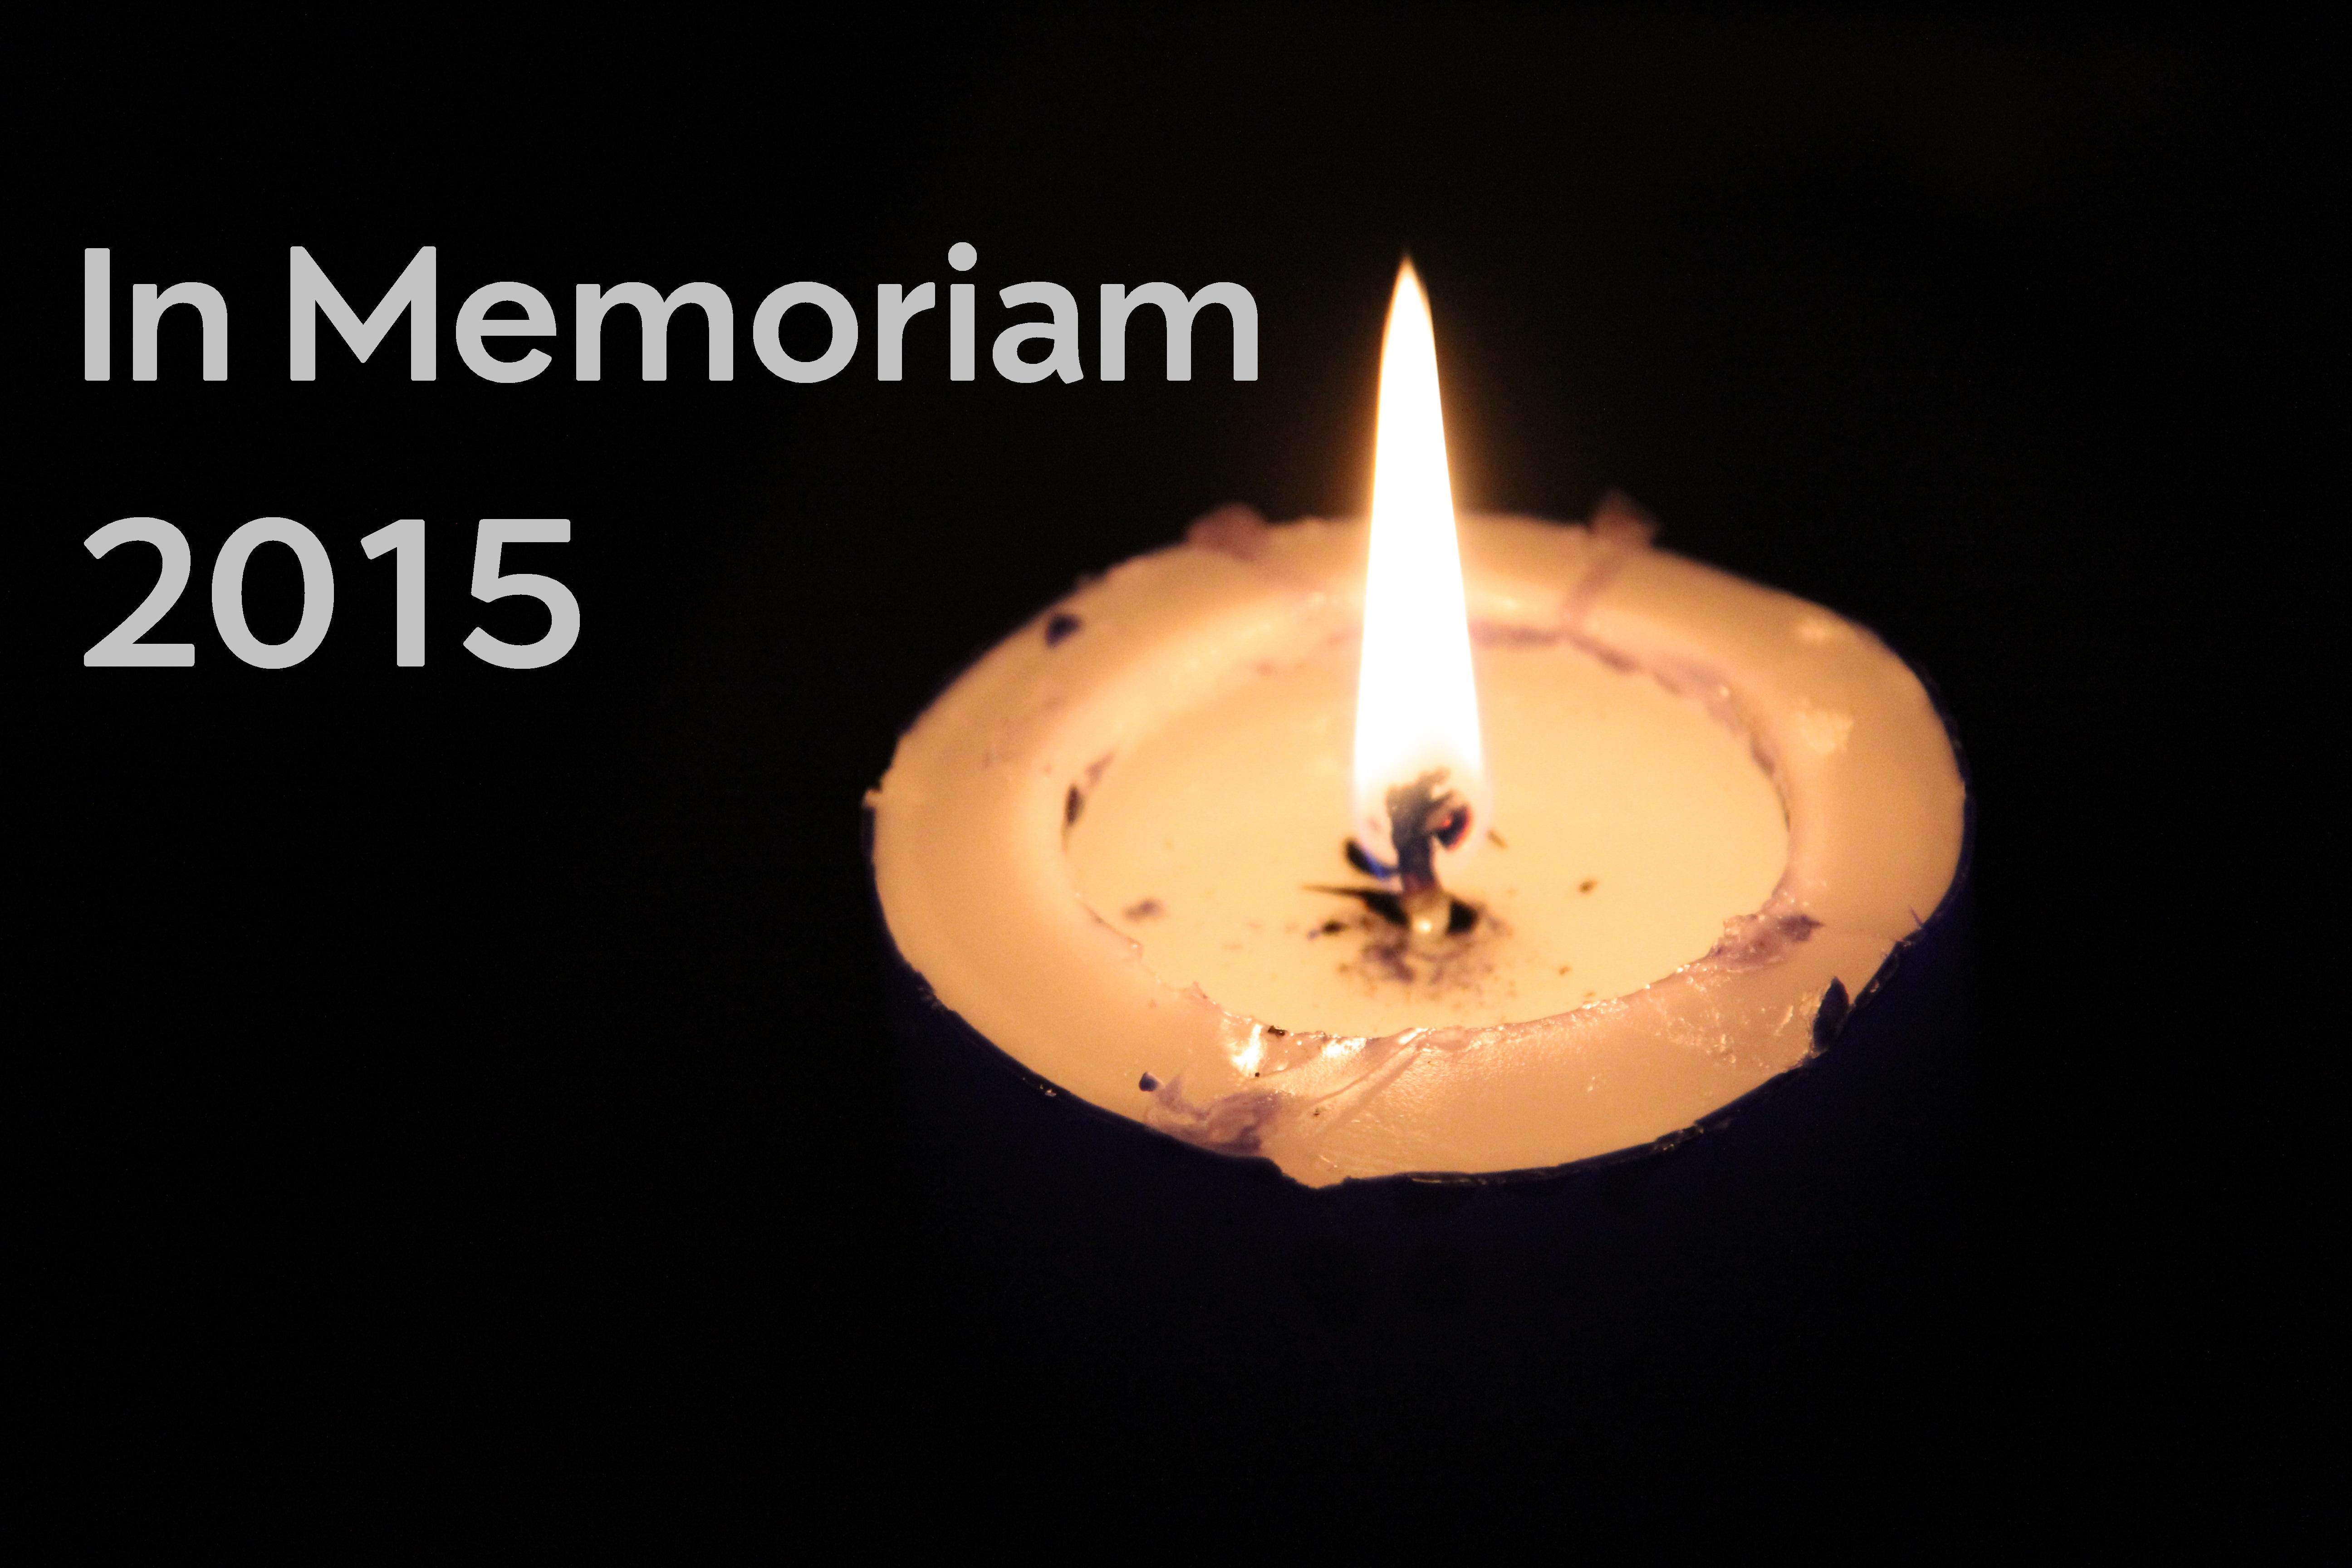 In Memoriam 2015.